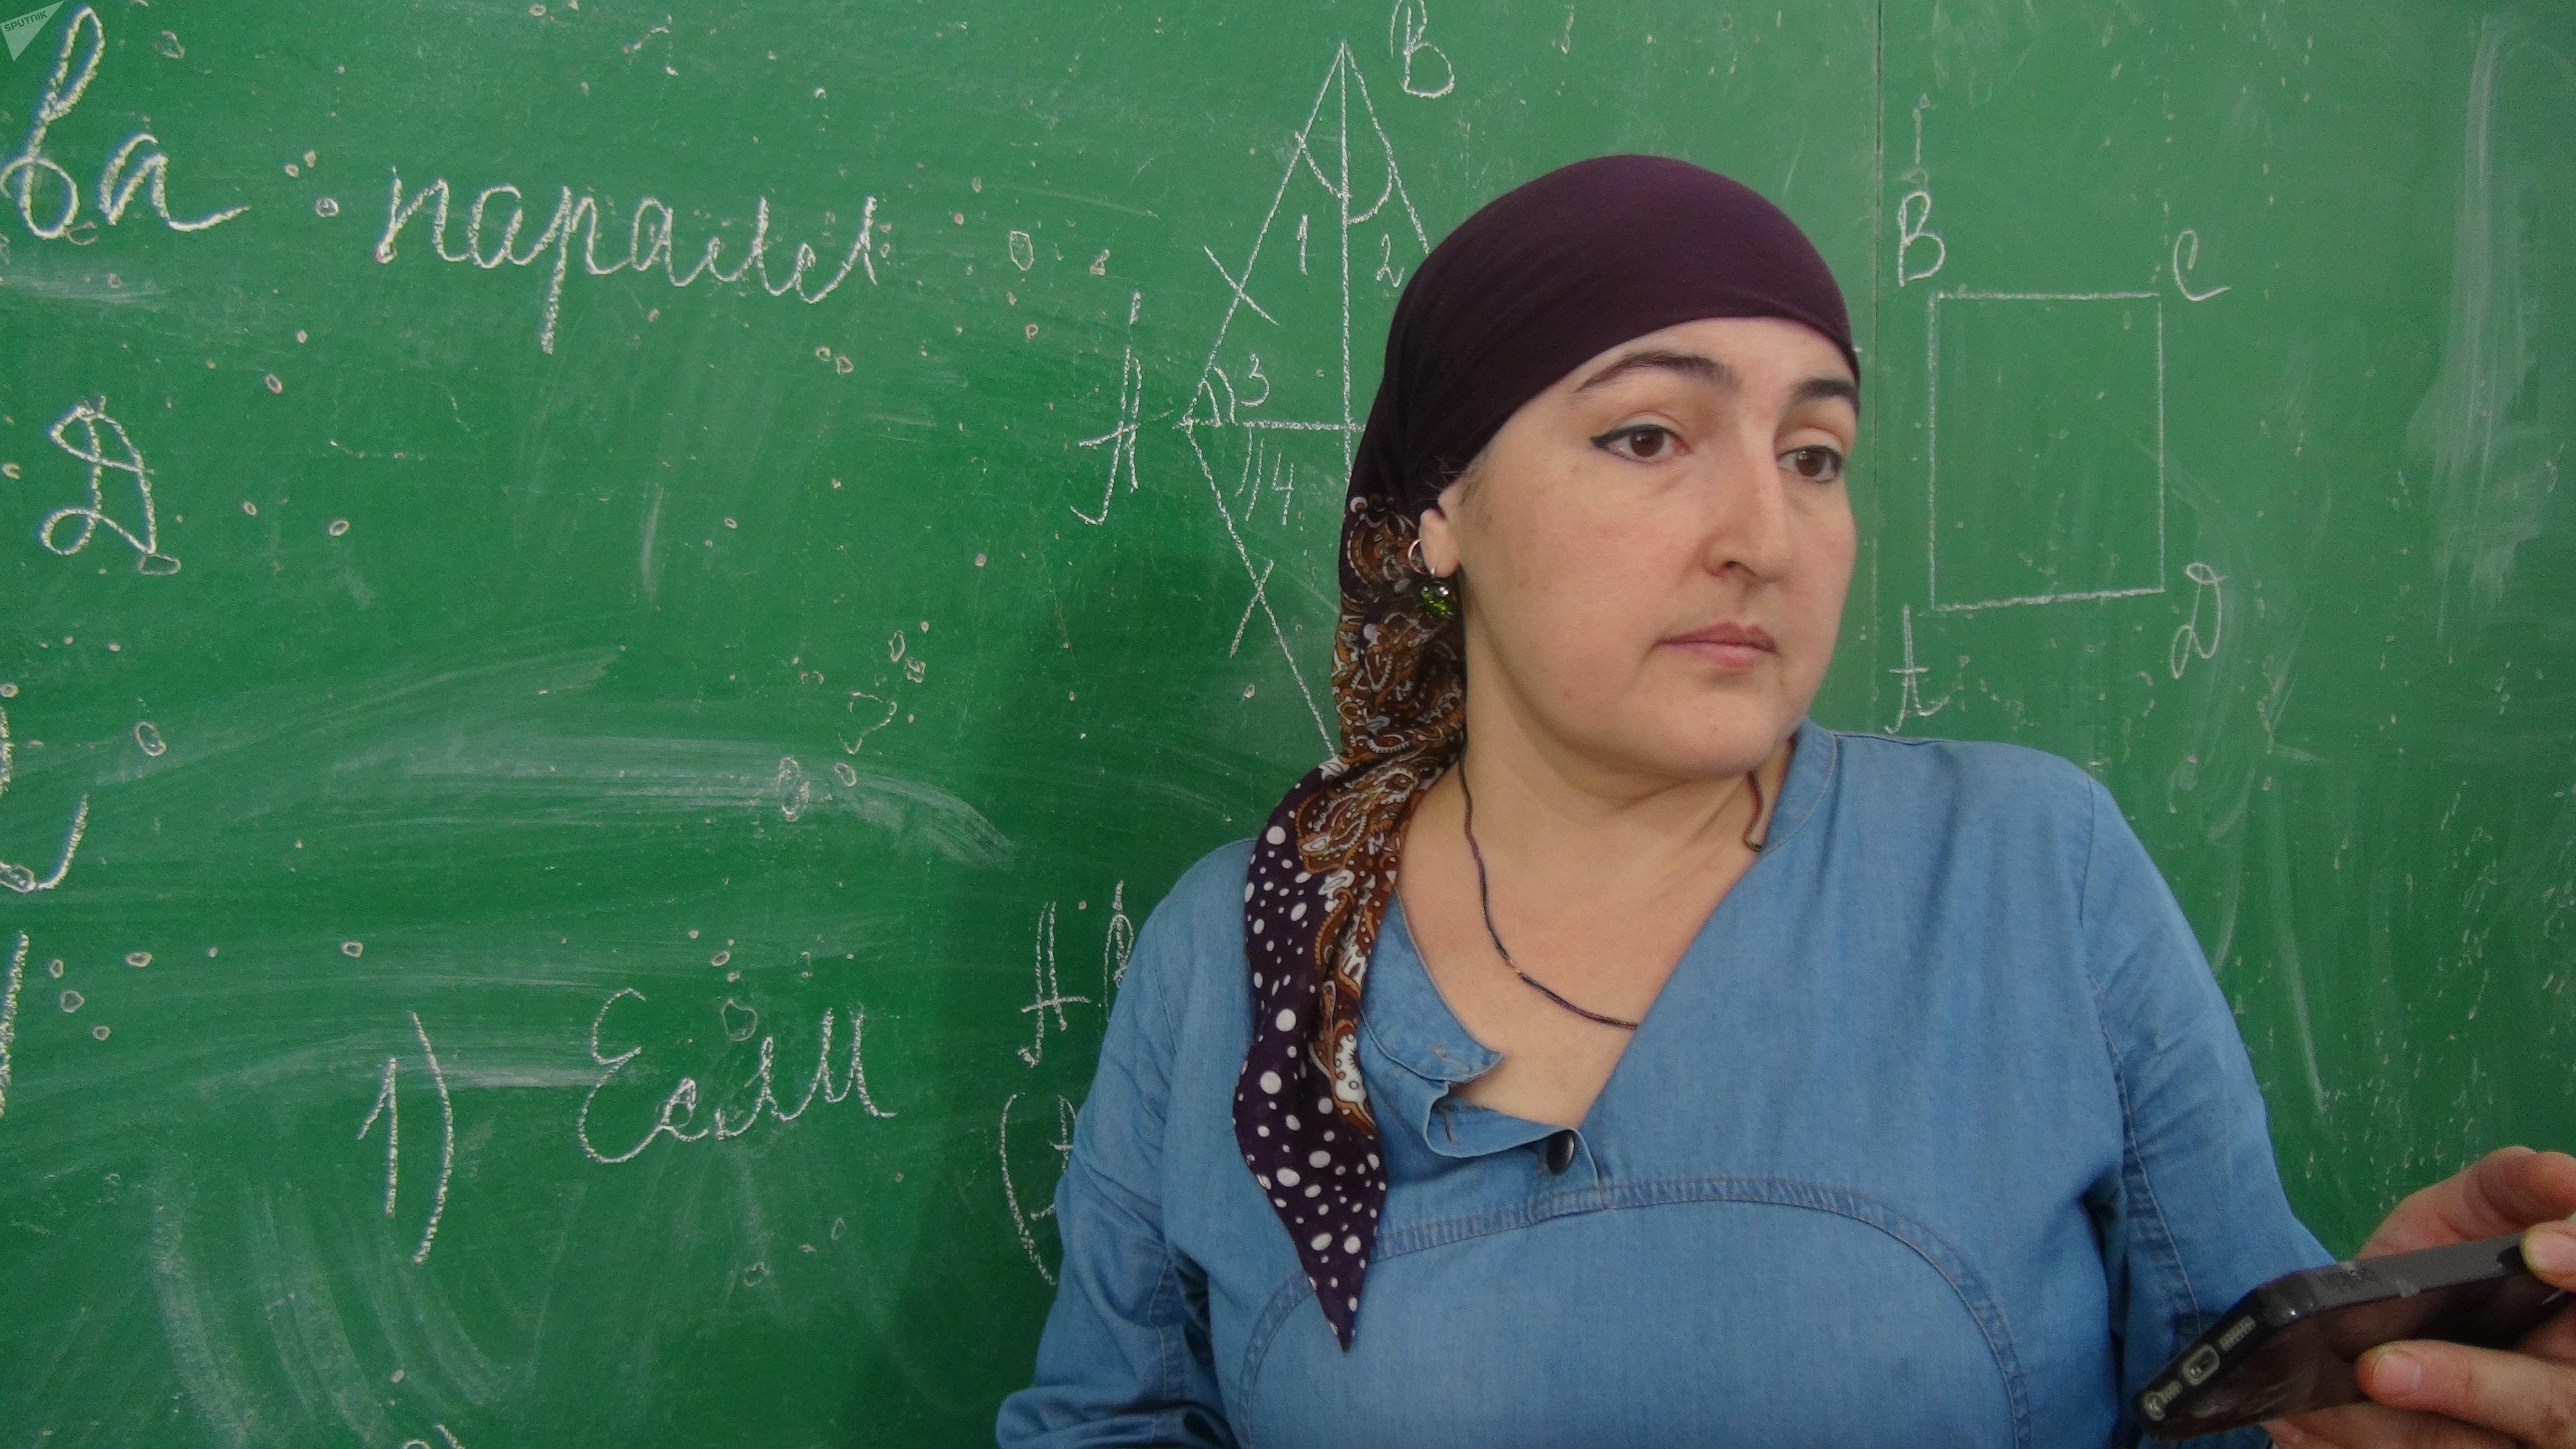 Красиво завязать, учитель года картинки таджик